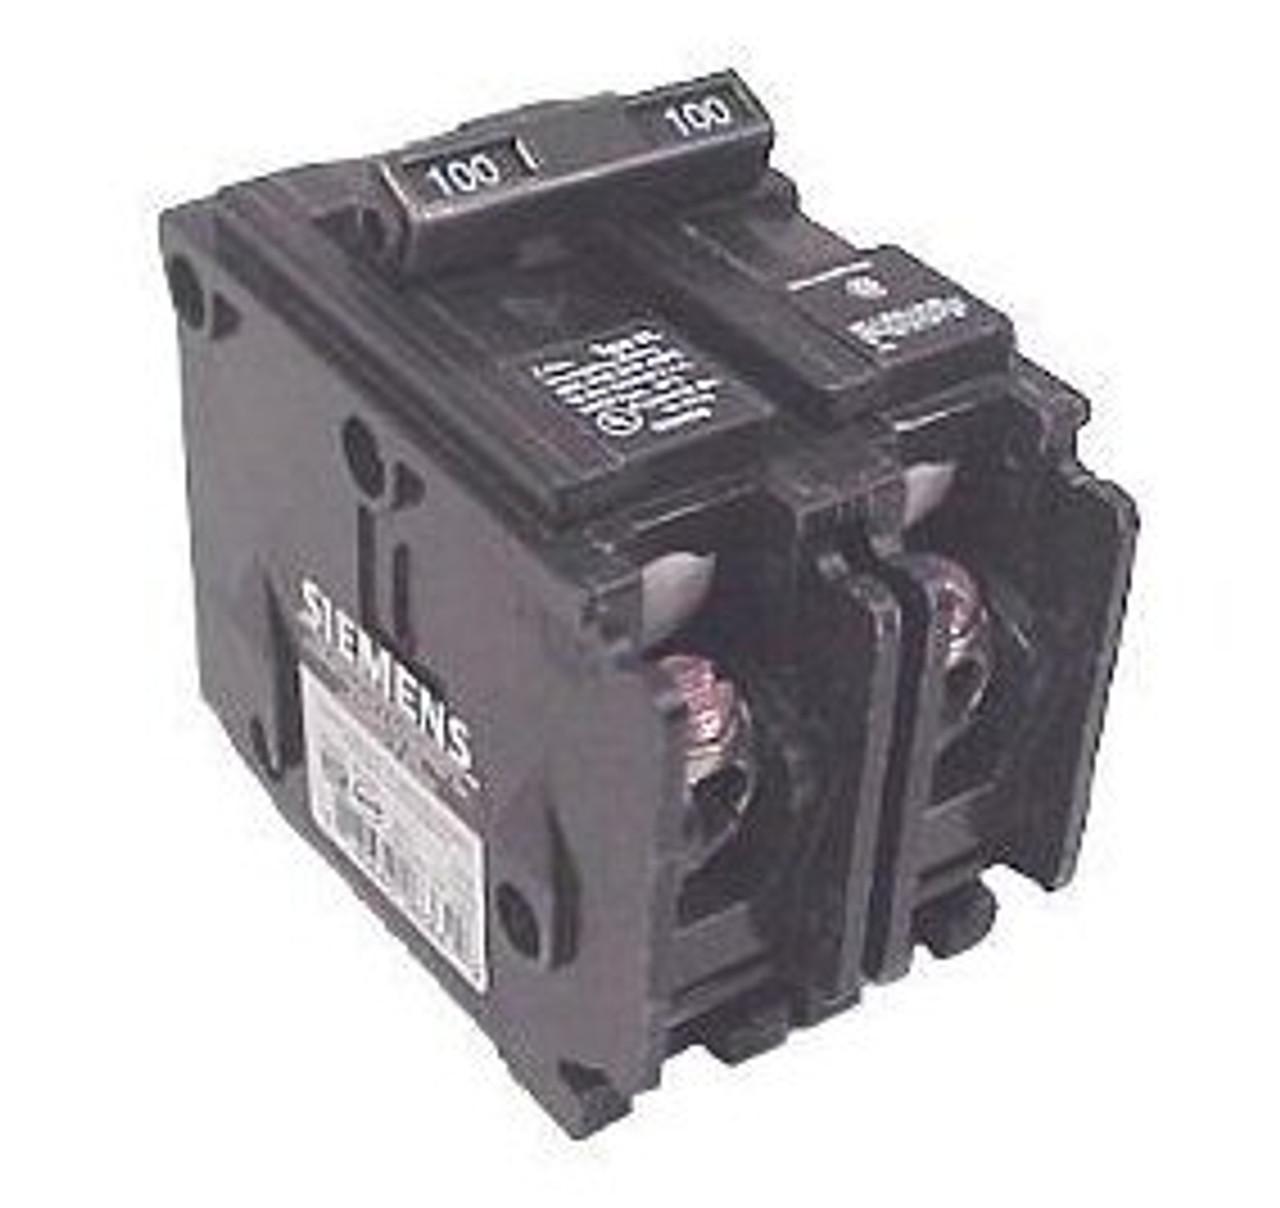 Siemens B22000S01 2 Pole 20 Amp 240V 120V Shunt, Type BL Circuit Breaker - NPO